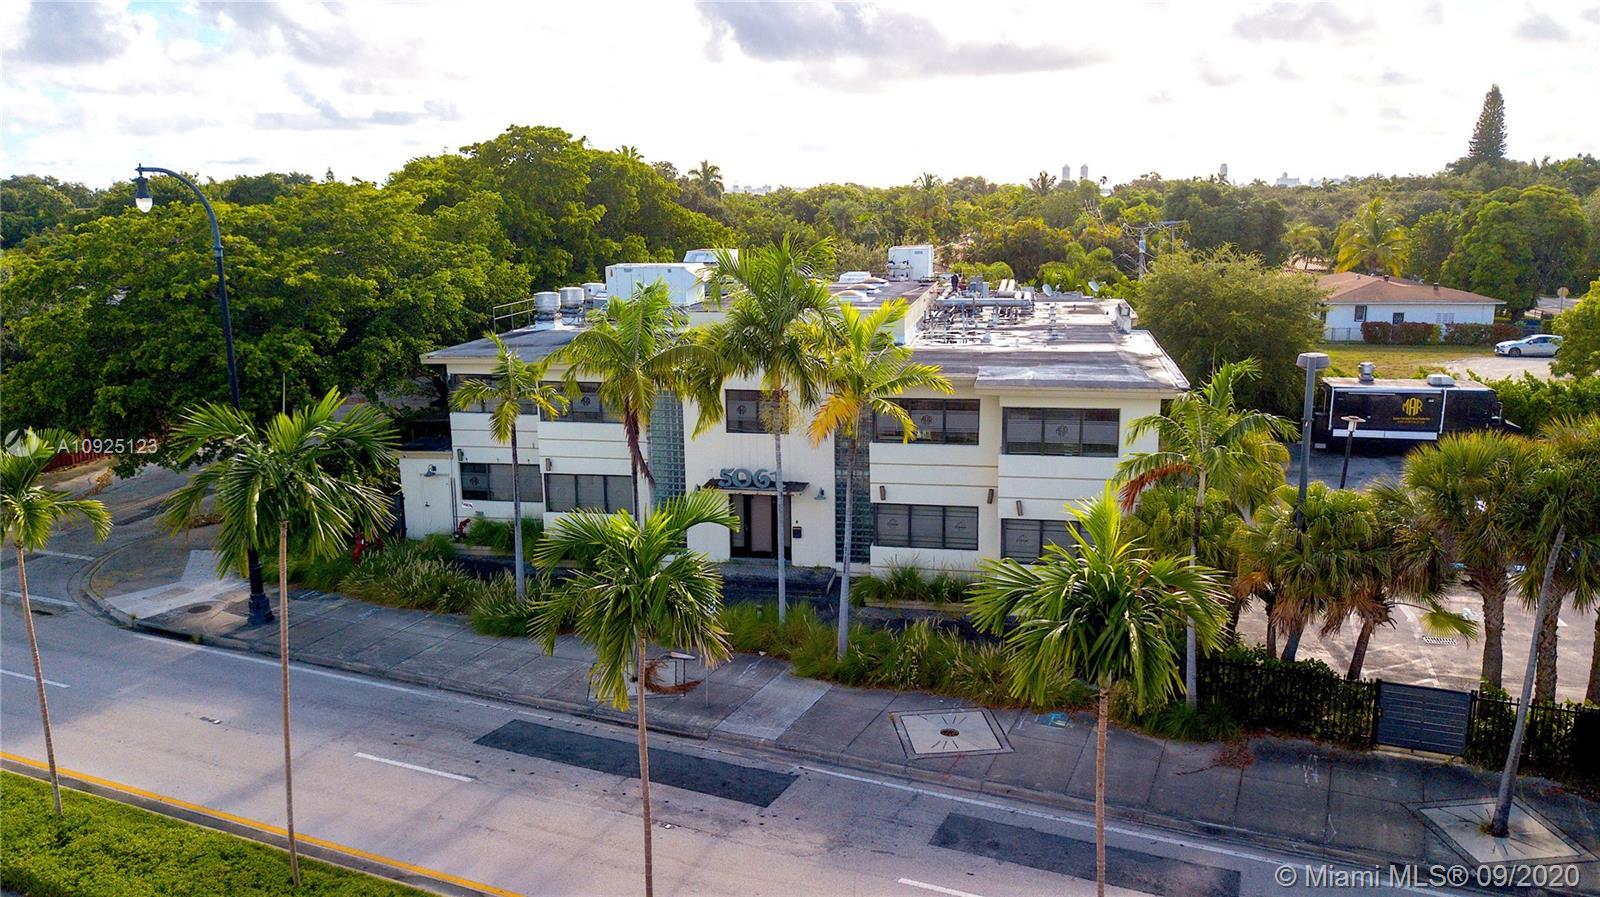 5061 Biscayne Blvd Luxury Real Estate